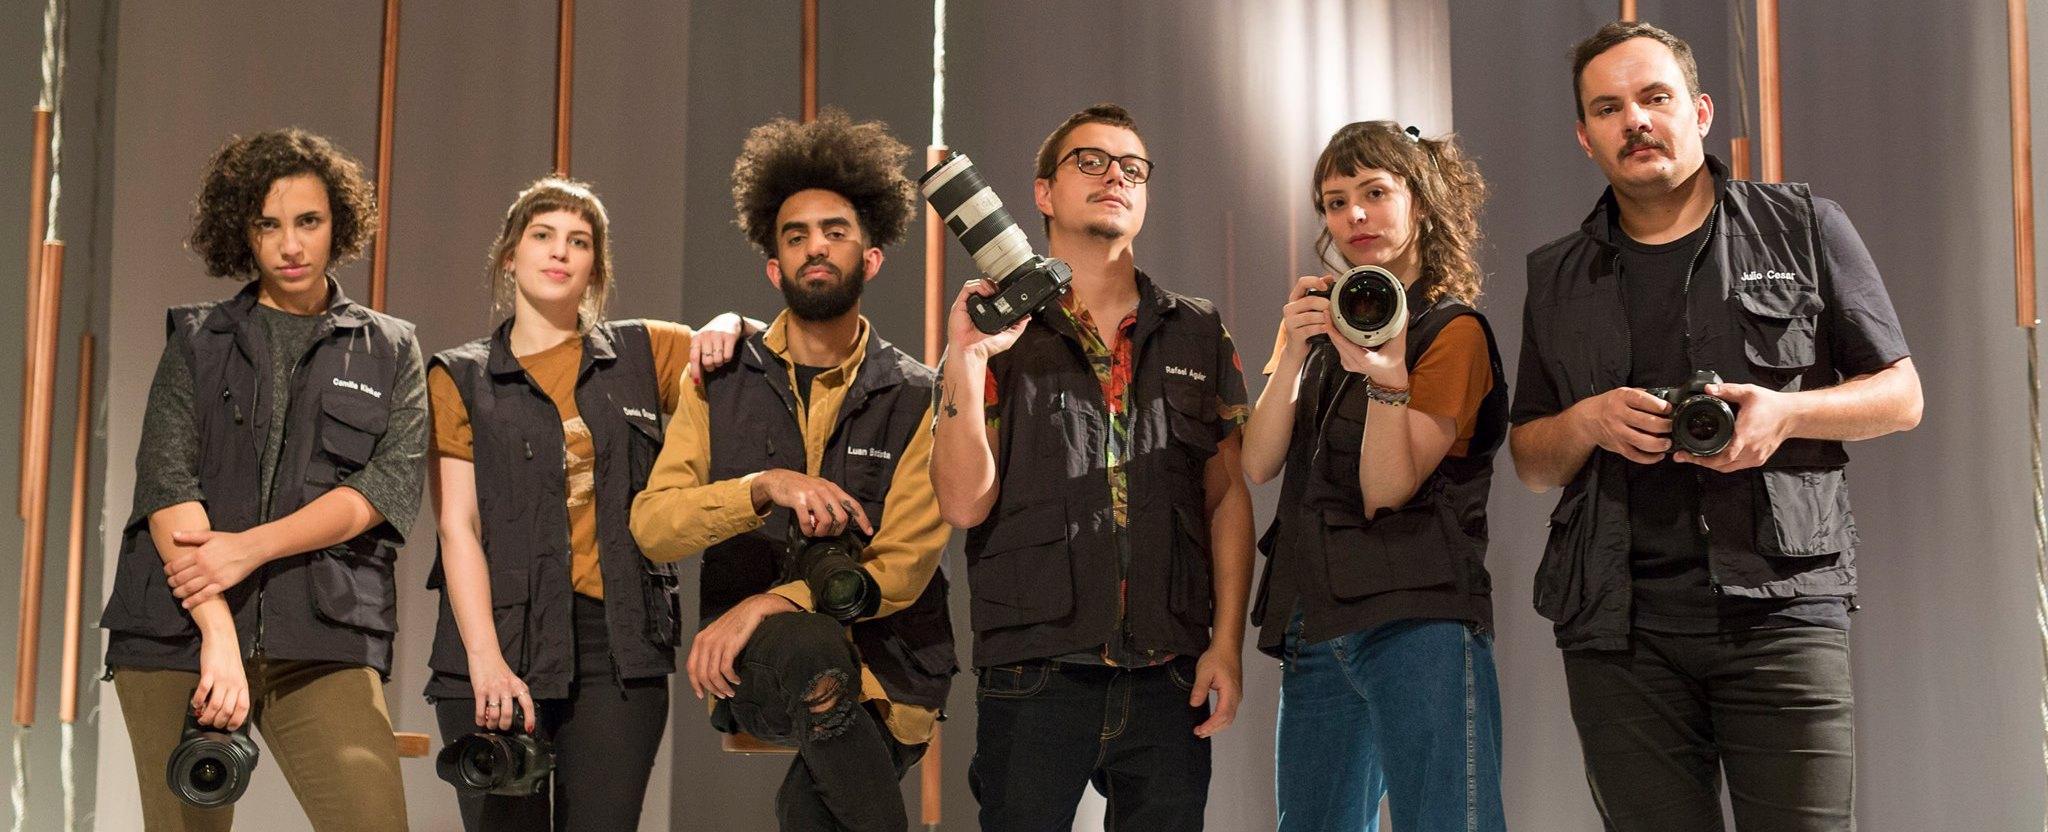 """Band exibe """"Arte na Fotografia"""" a partir deste sábado"""